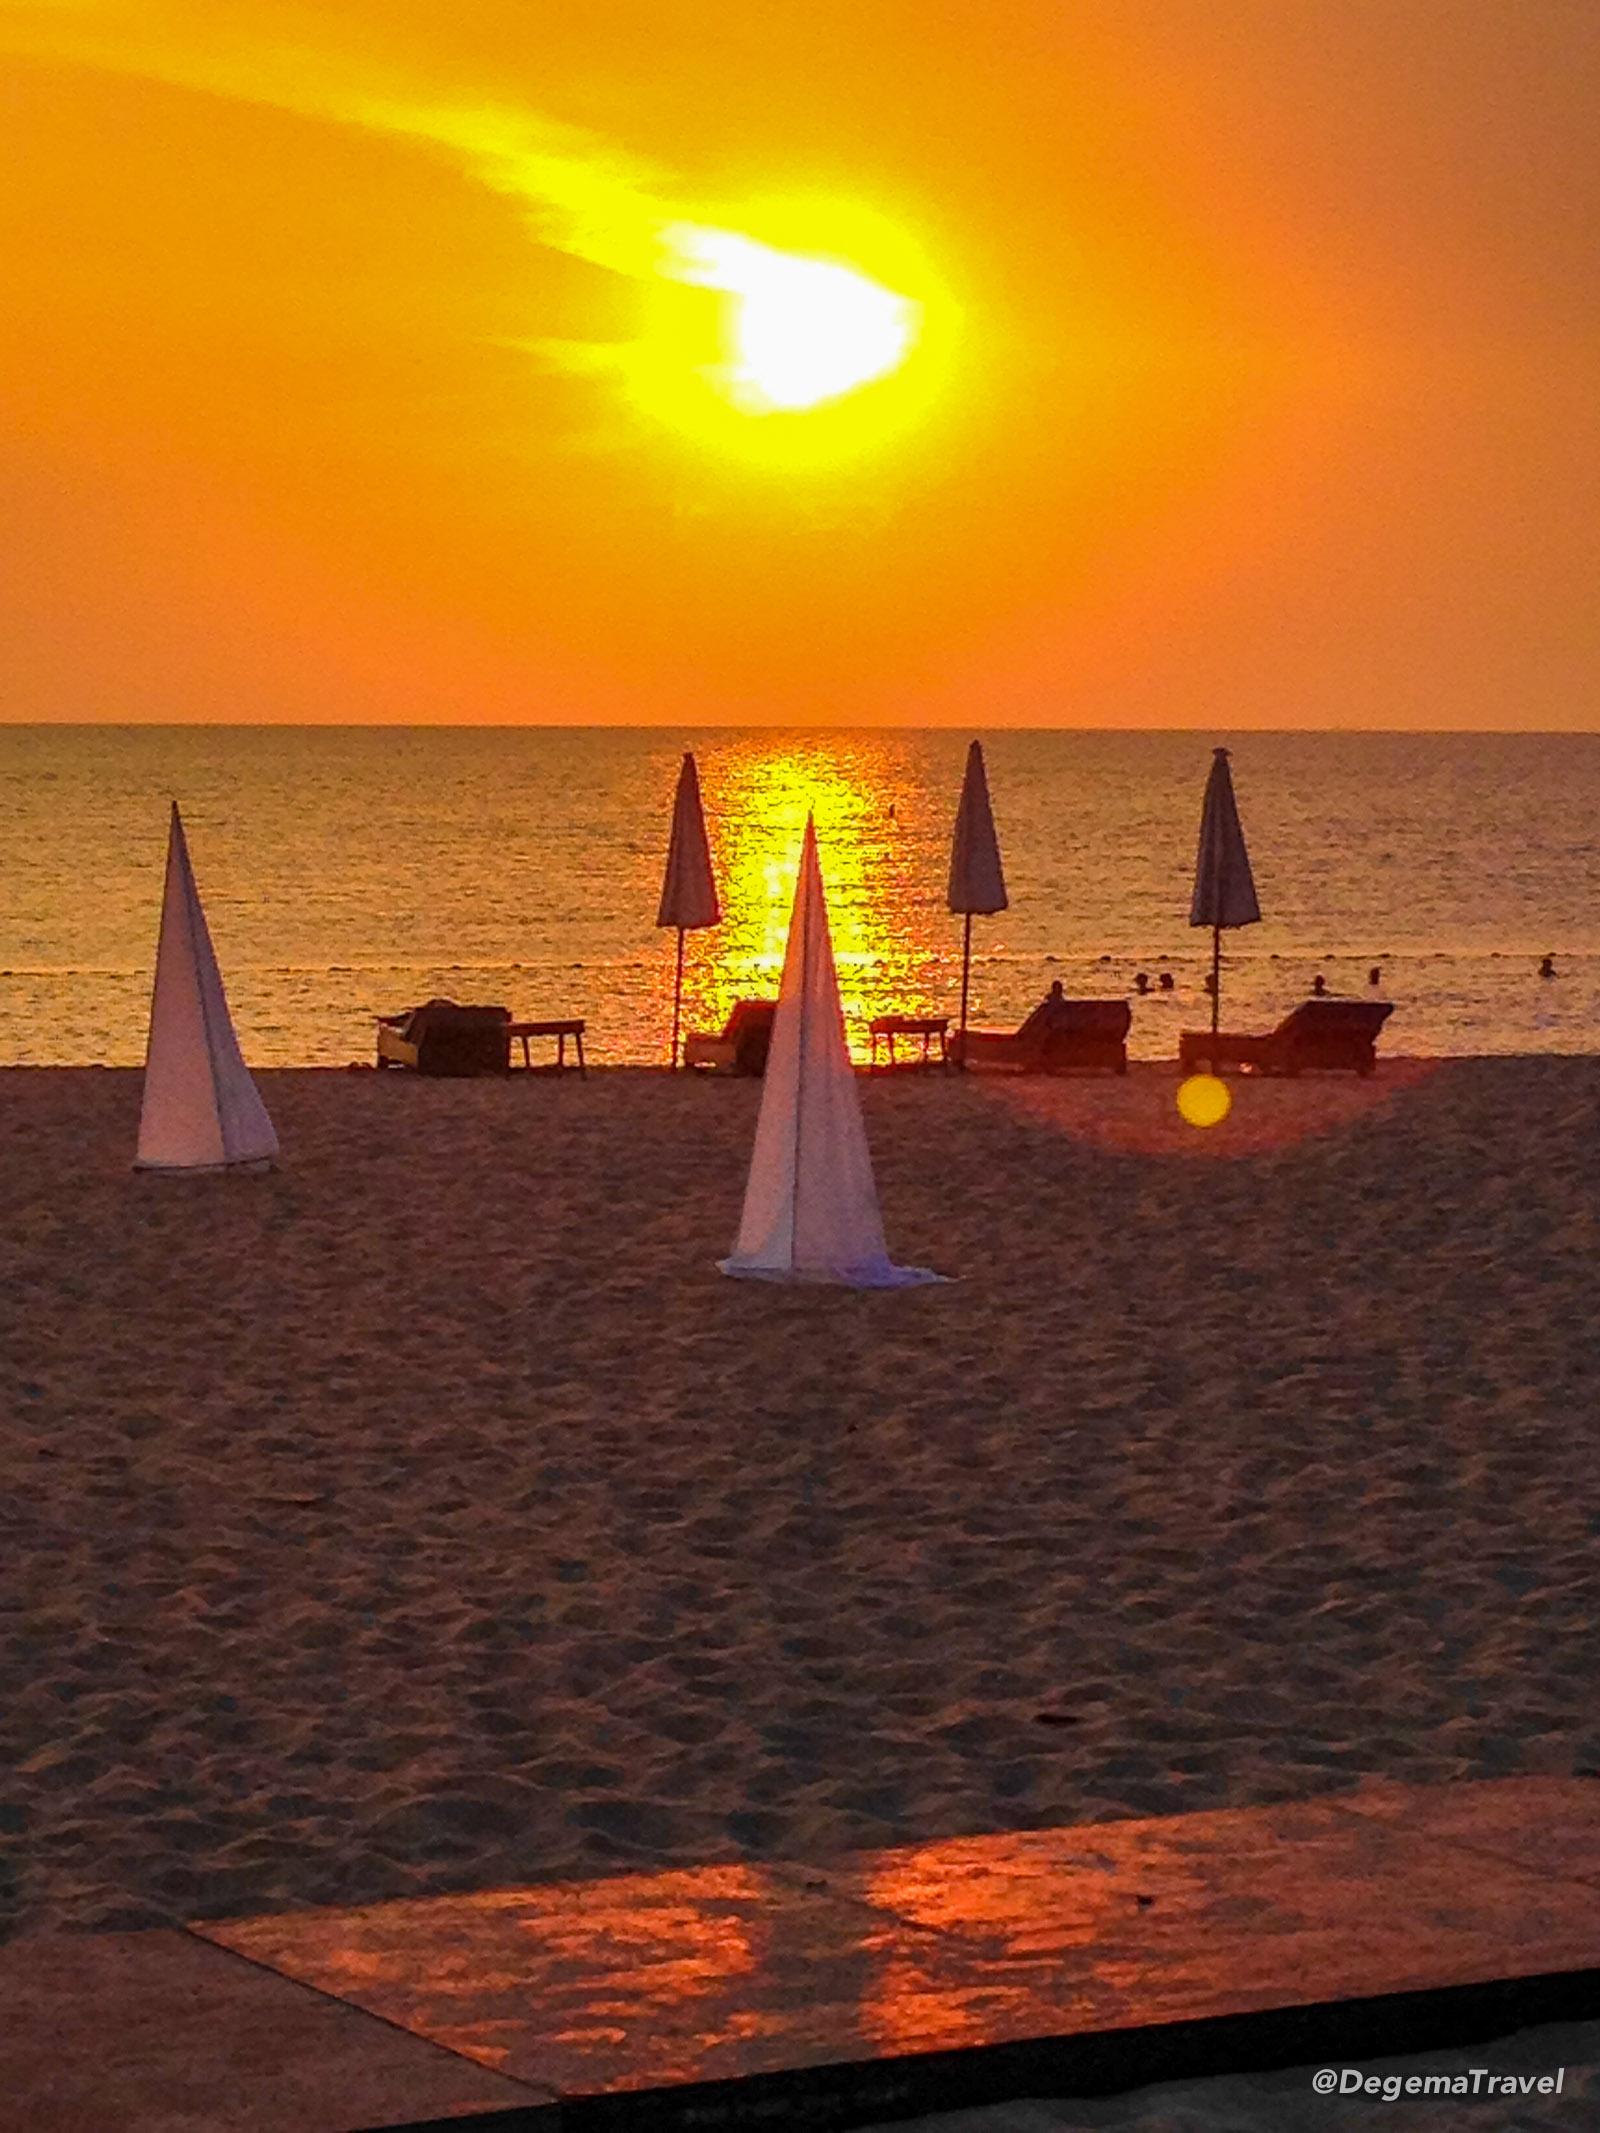 Sunset at Botony Beach Resort Pattaya, Thailand